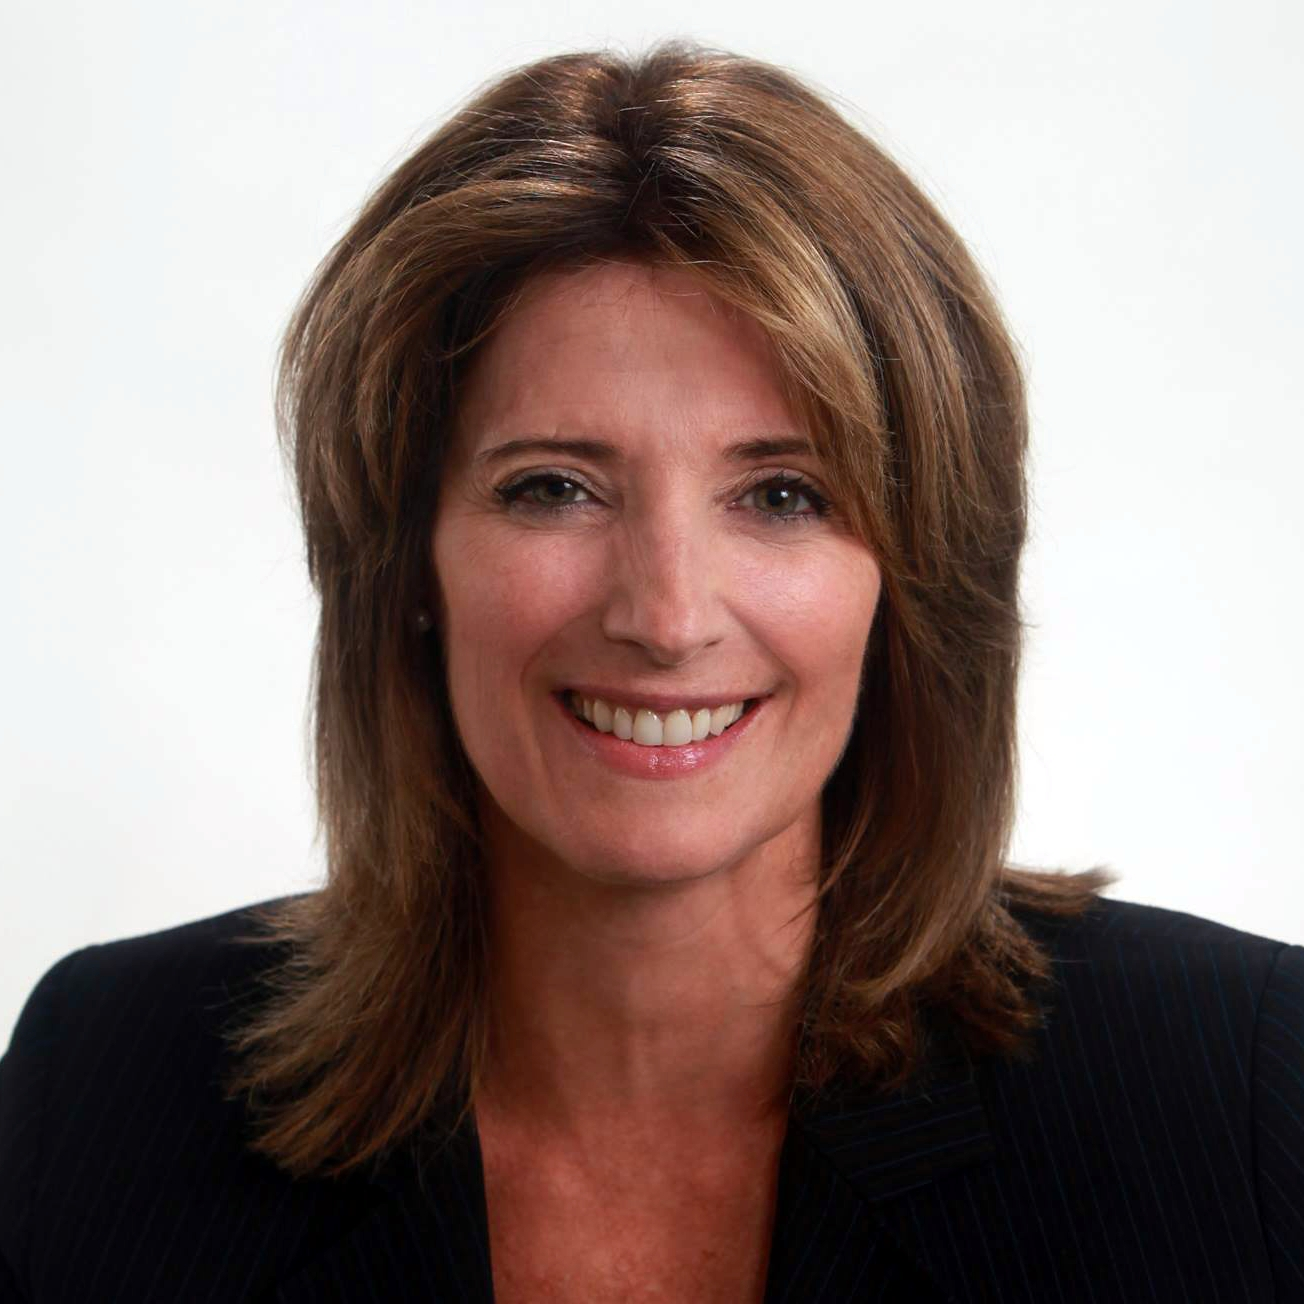 Suzanne Balcom | Raise a Dream